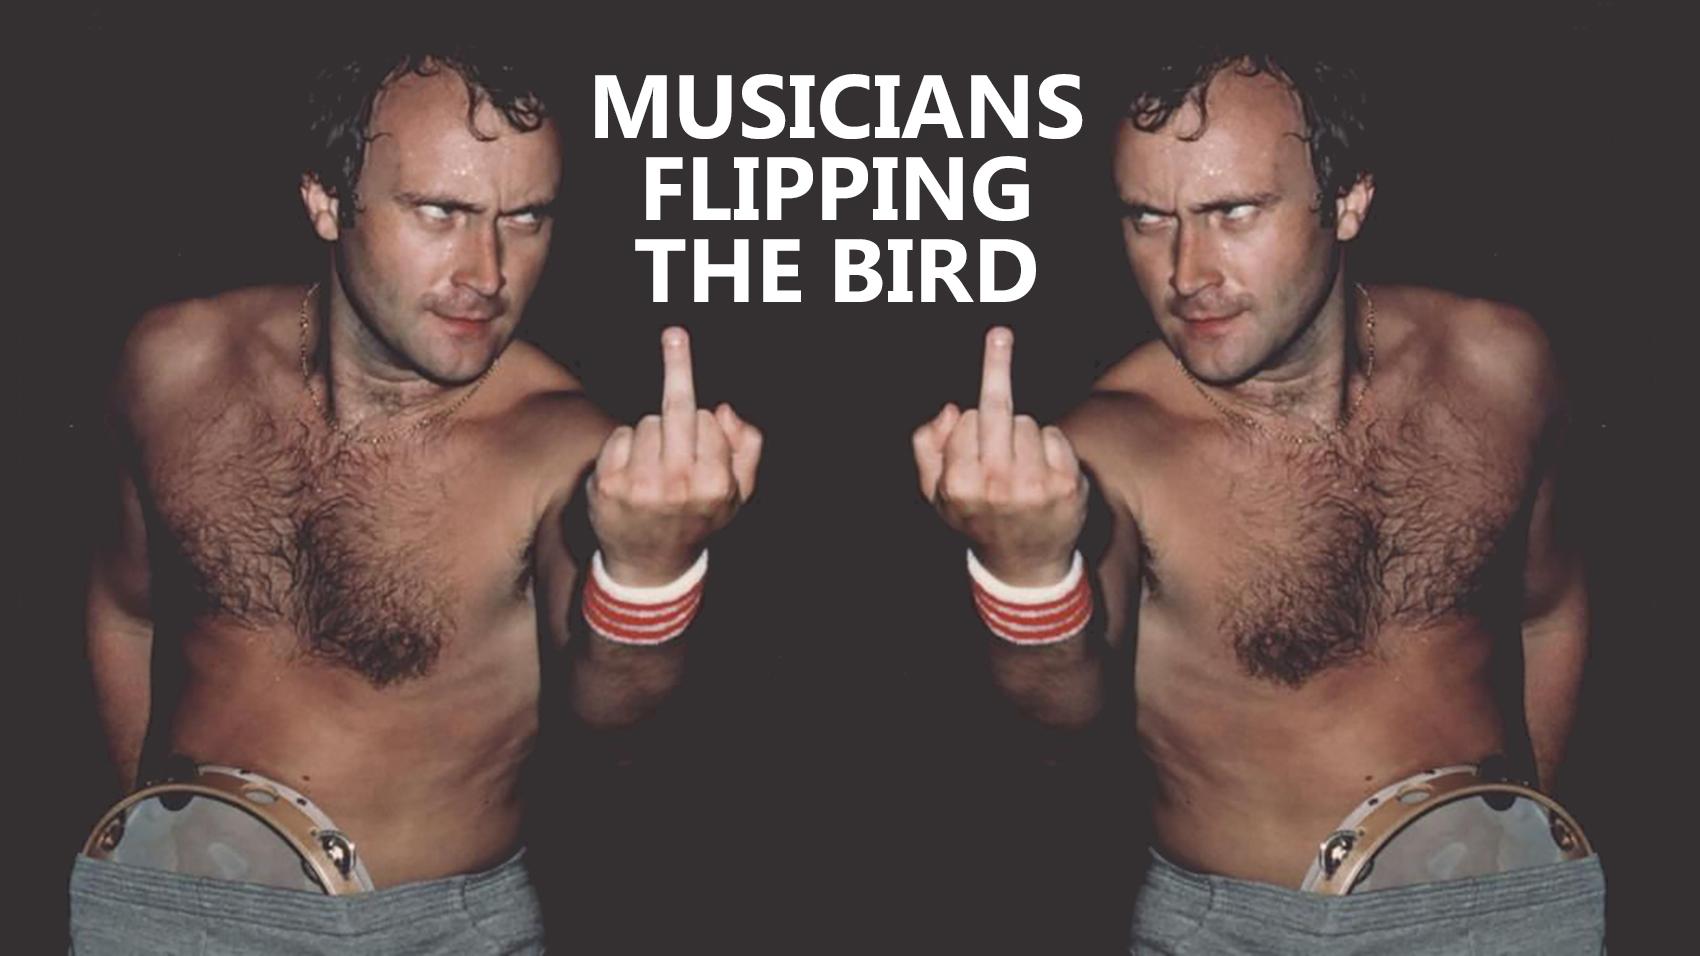 musicians flipping the bird